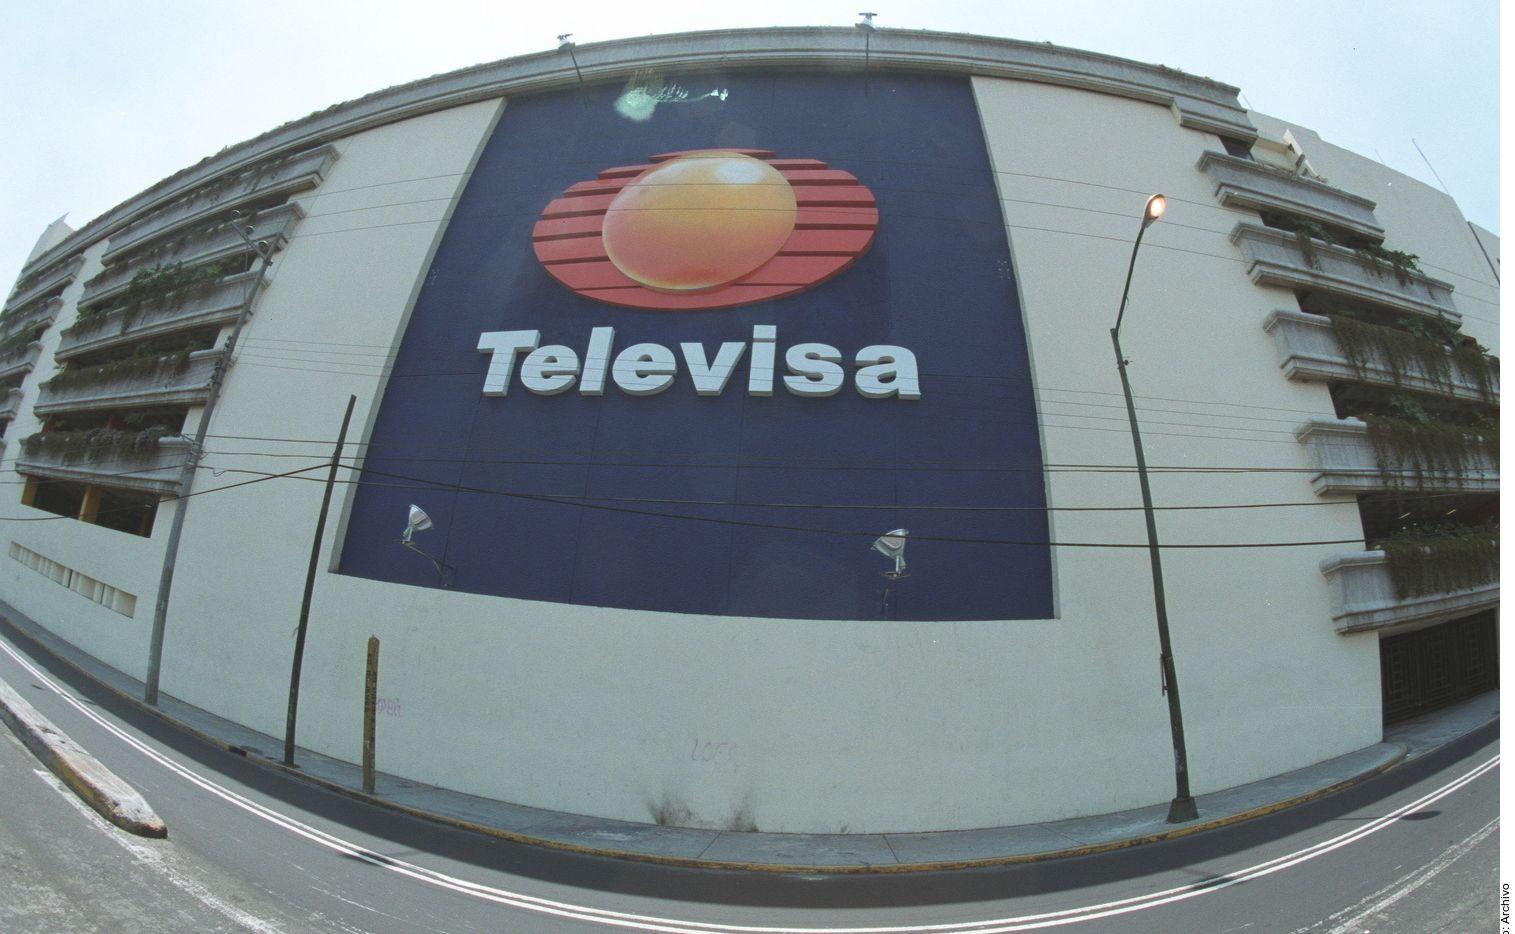 Grupo Televisa concluyó la venta del 50 por ciento de sus acciones de Sistema Radiópolis a Corporativo Coral, propiedad de Miguel Alemán.